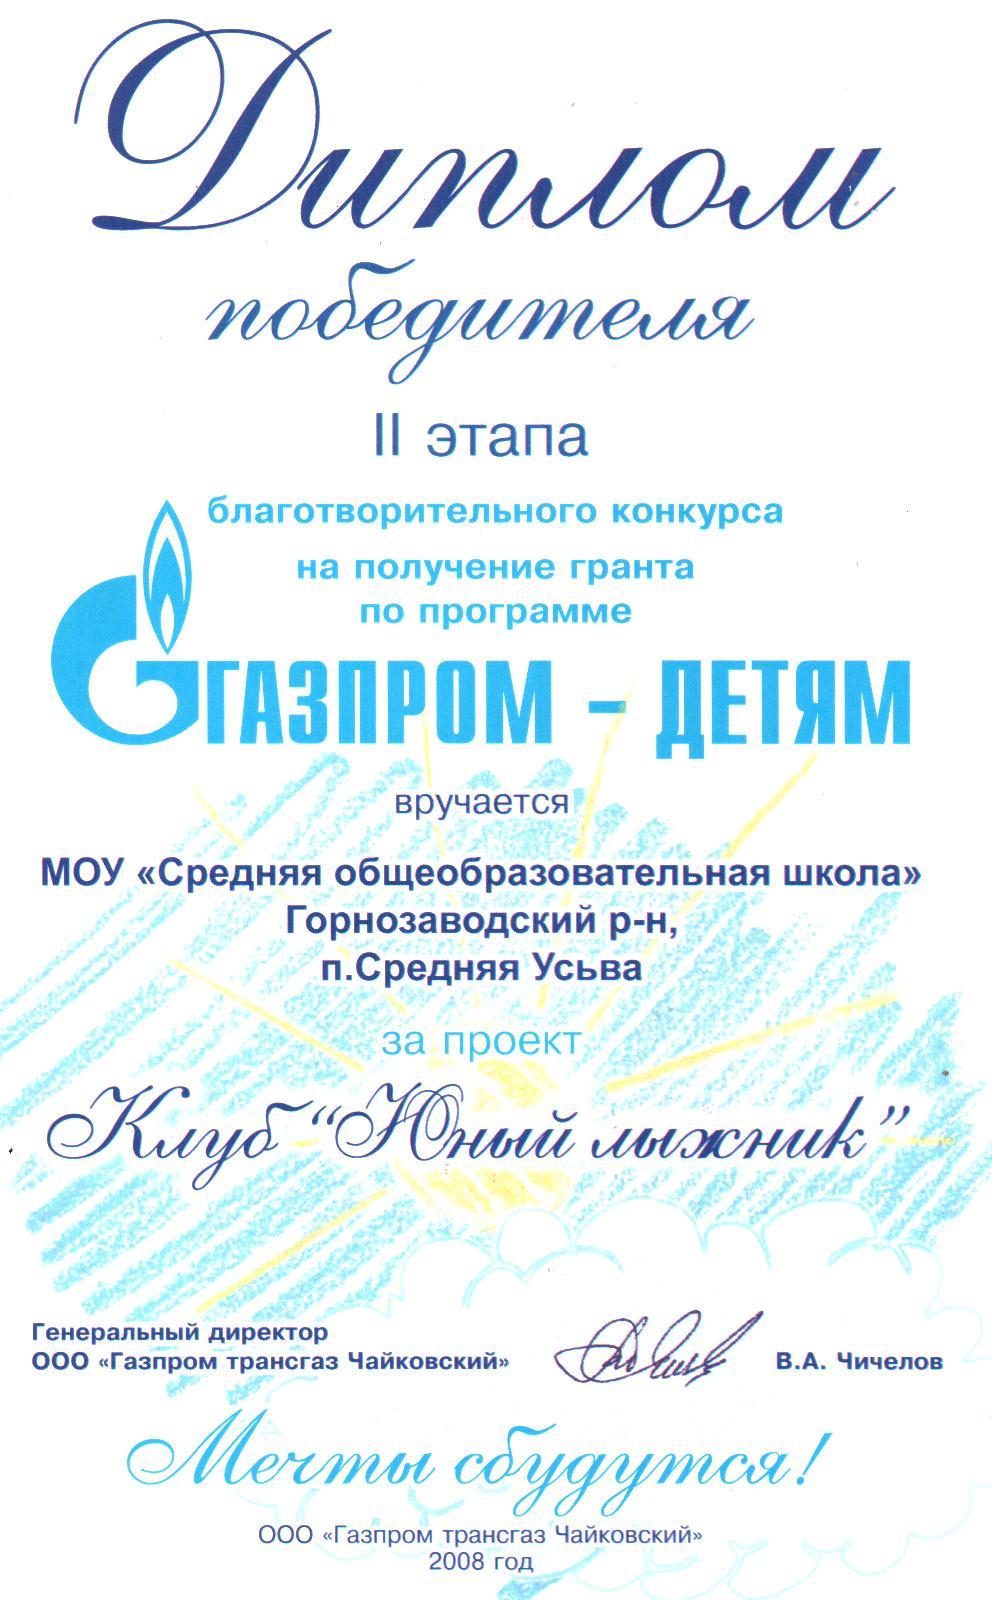 Участие в концертах и конкурсах